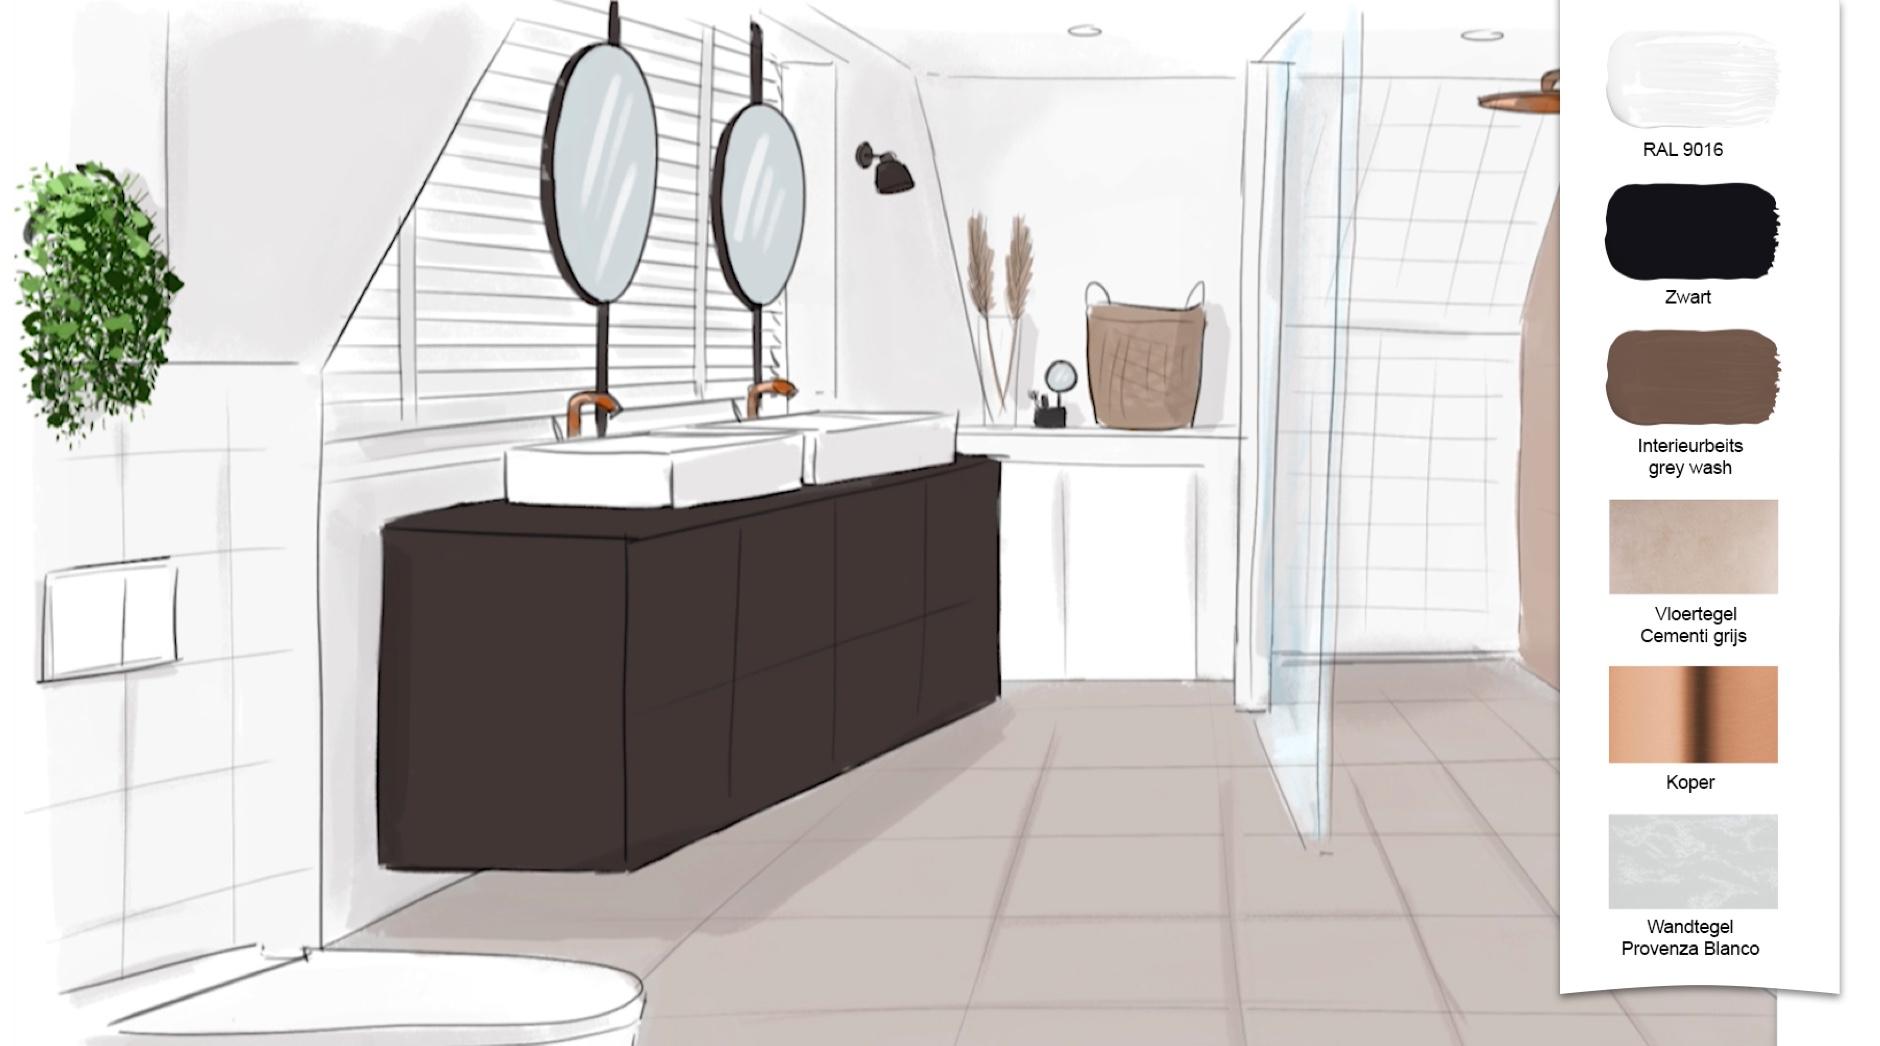 Bekijk de make over uit eigen huis tuin van de badkamer in